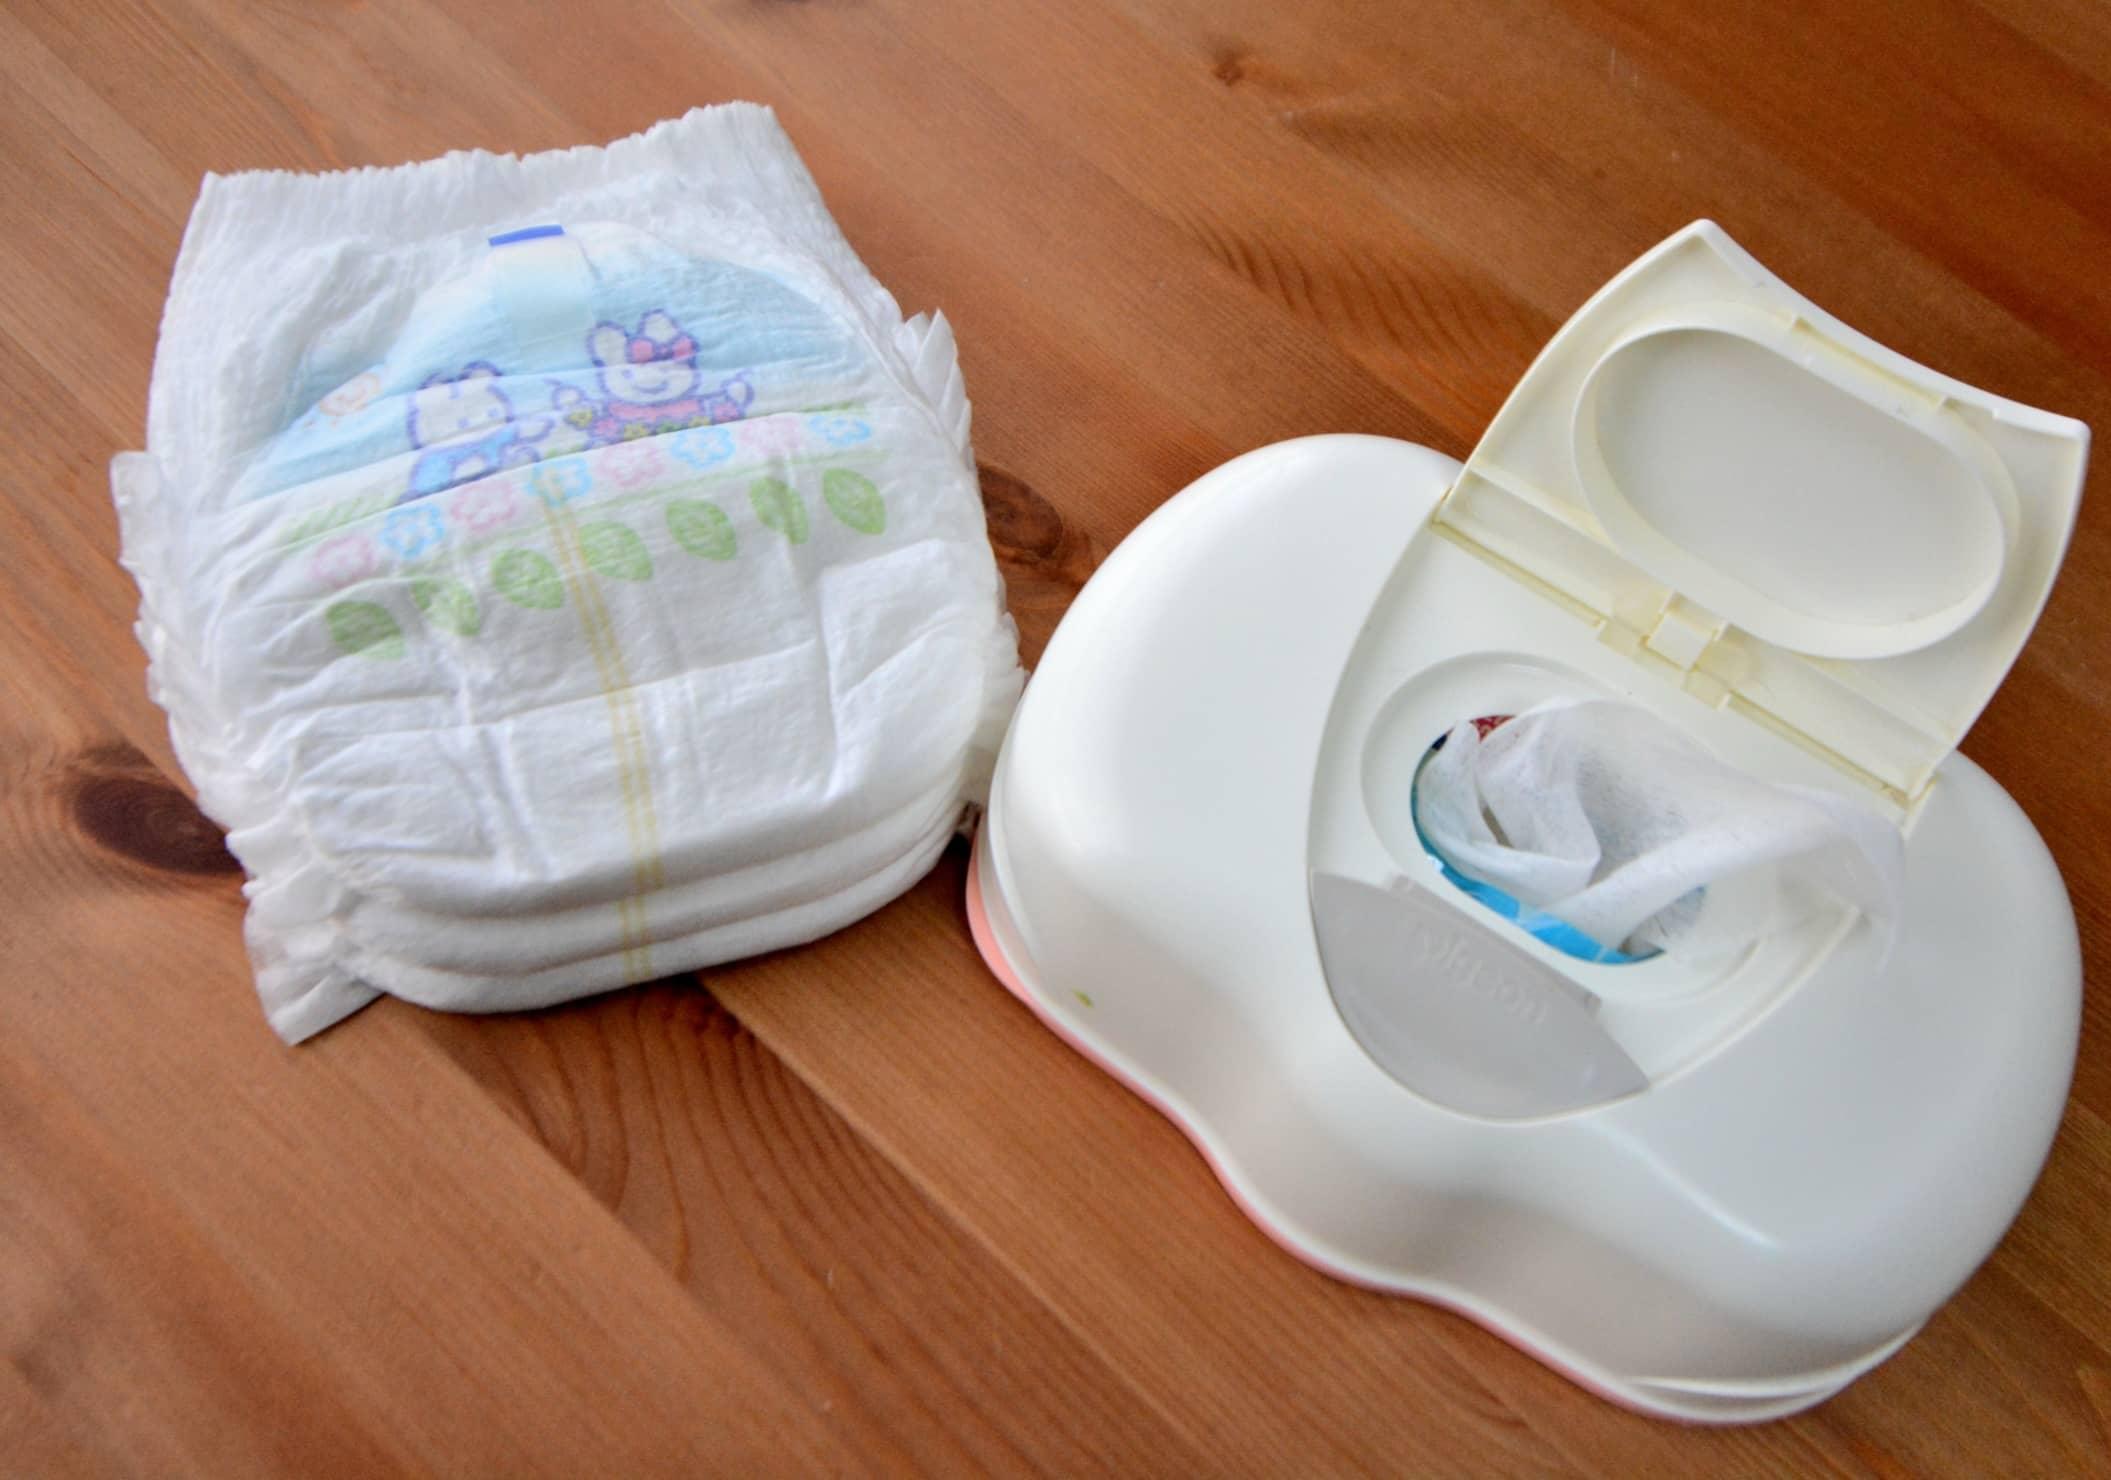 赤ちゃん用おしりふきのおすすめ10選! 選ぶポイントやおしりふきのふたも紹介